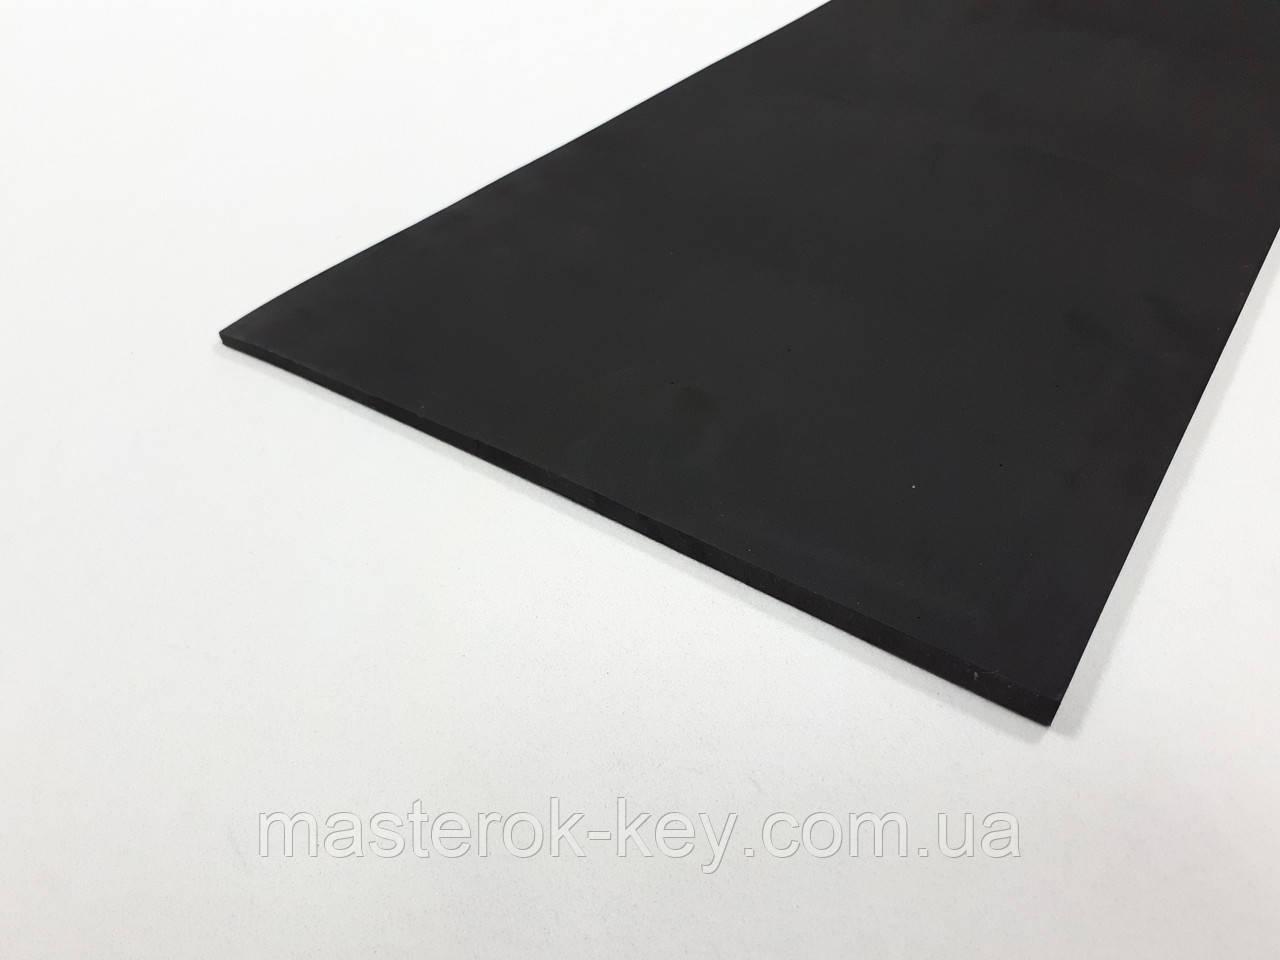 Косяк из микропоры для подошвы гладкий 100см*30см*5/10мм черный